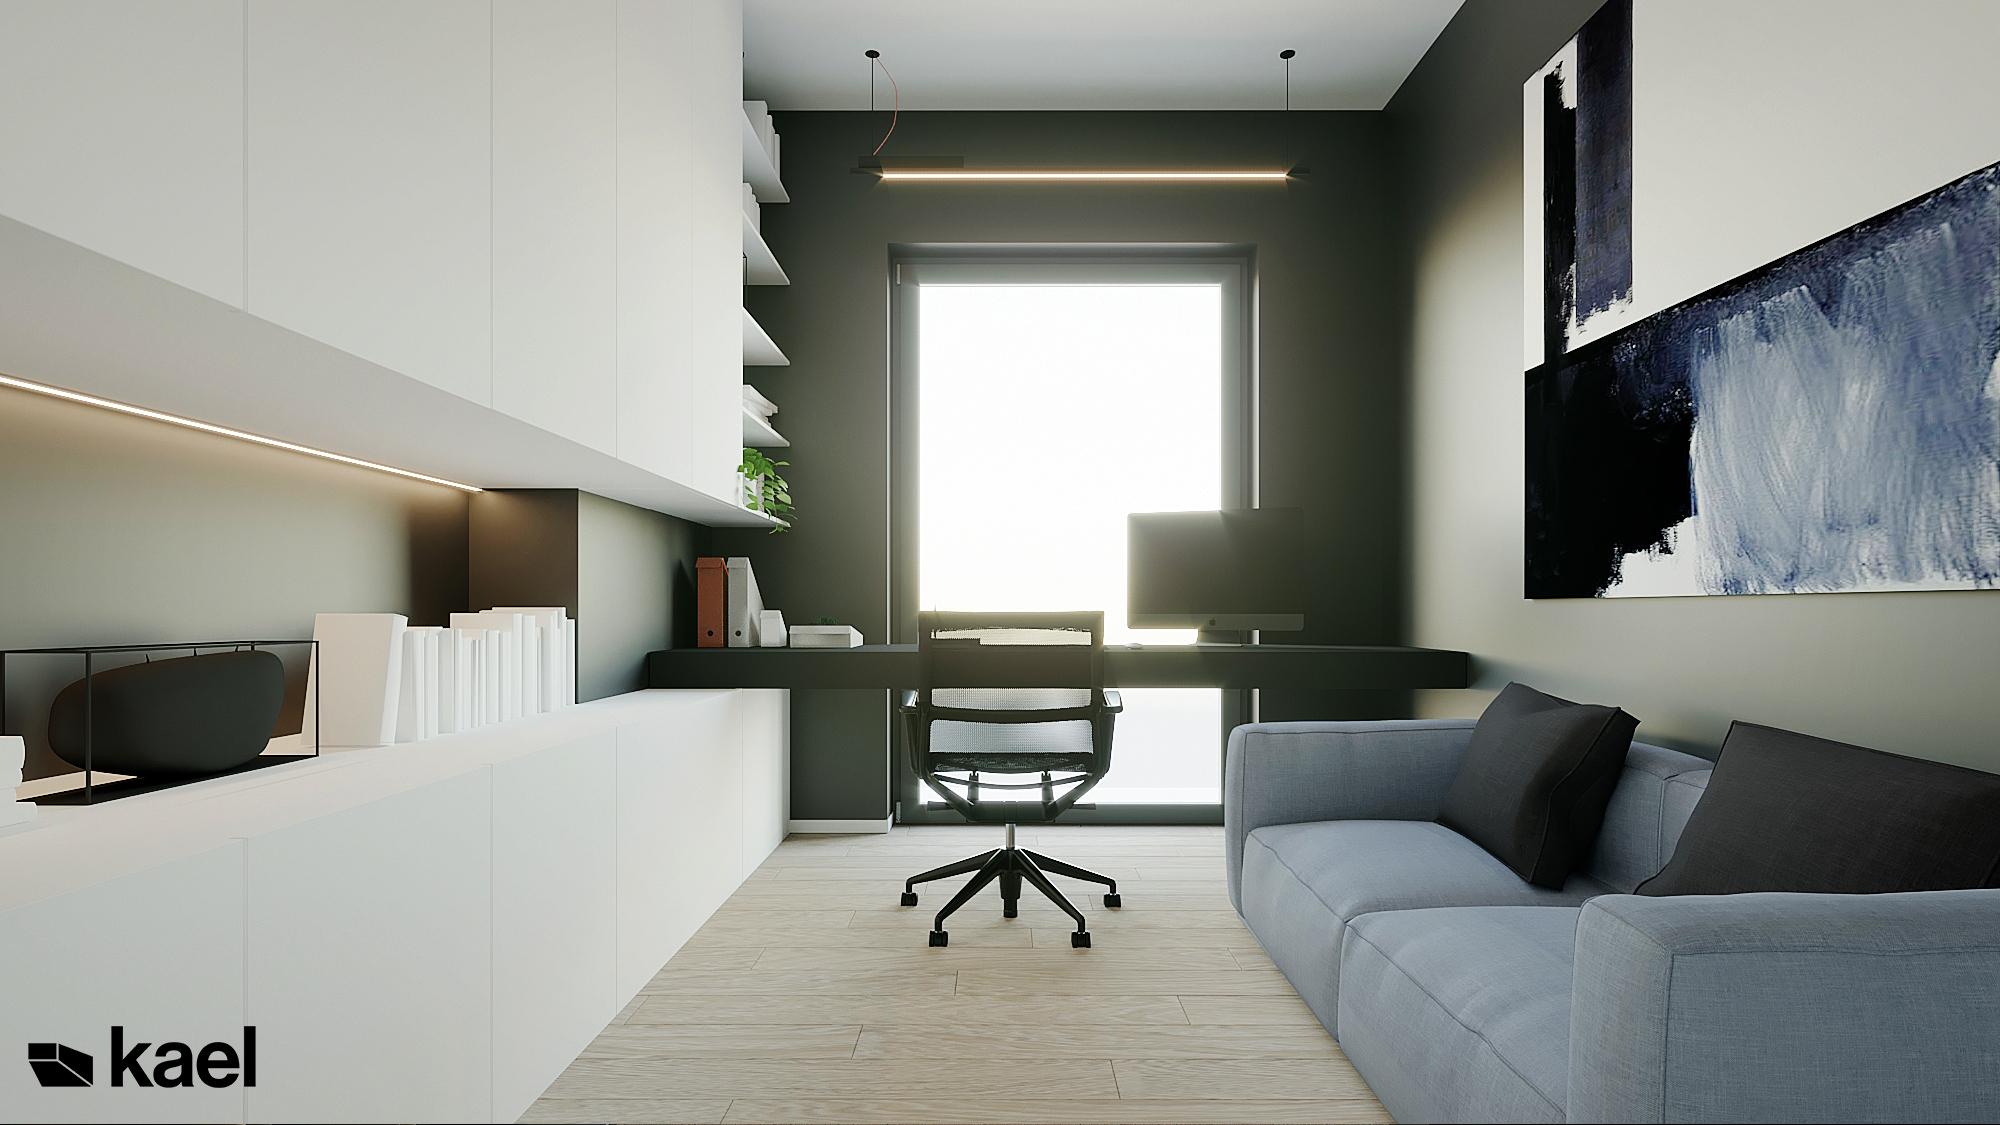 Gabinet - Czumy II - projekt wnętrza domu w zabudowie szeregowej - Kael